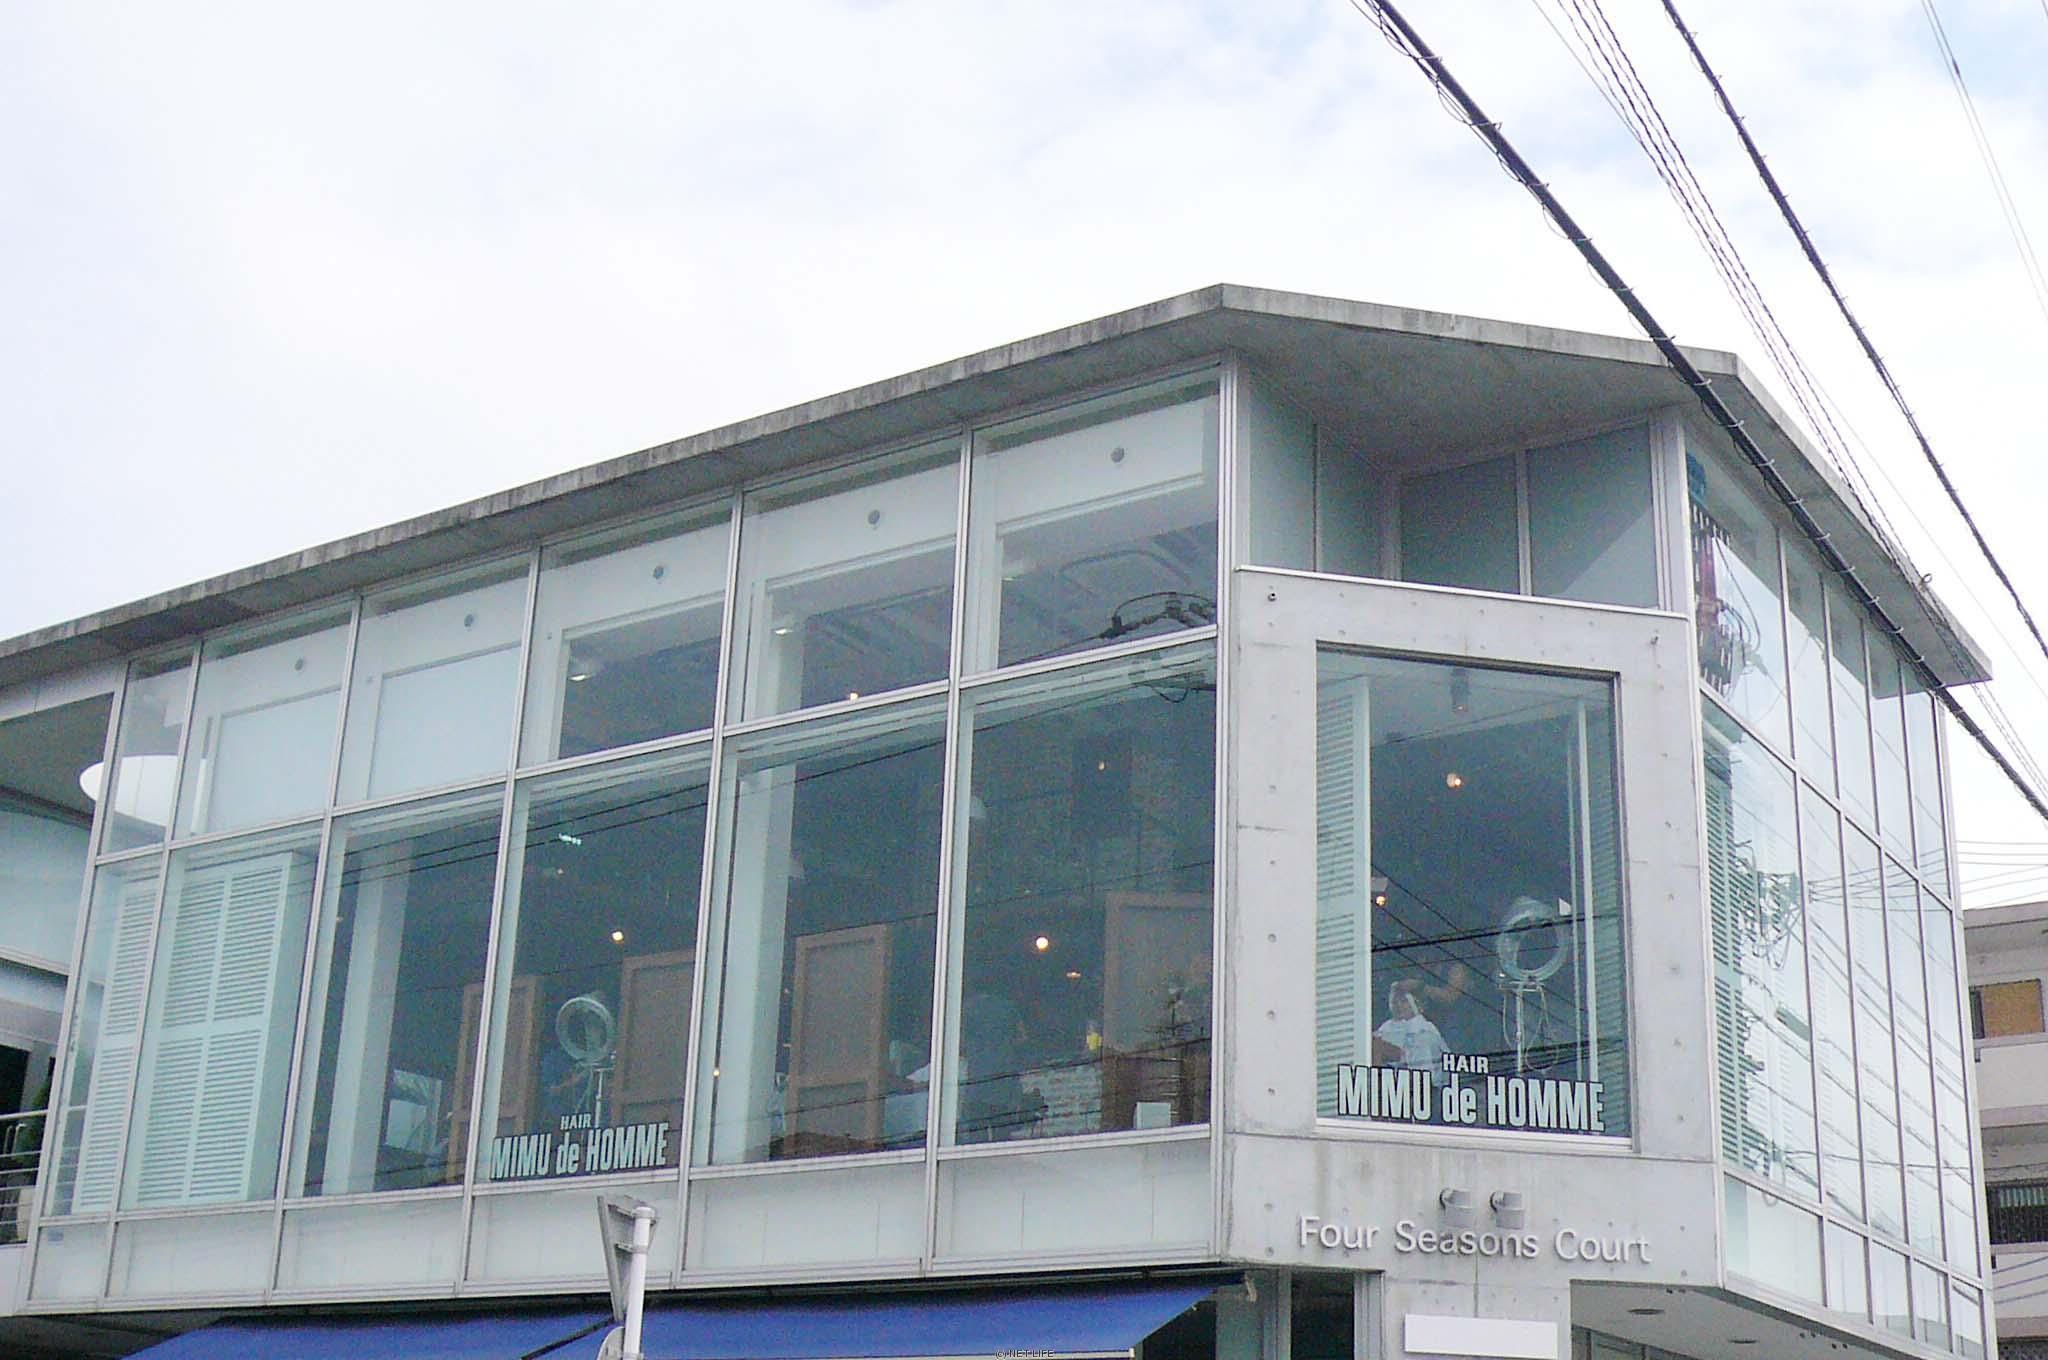 ミム・デ・オム 新都心店 メイン画像